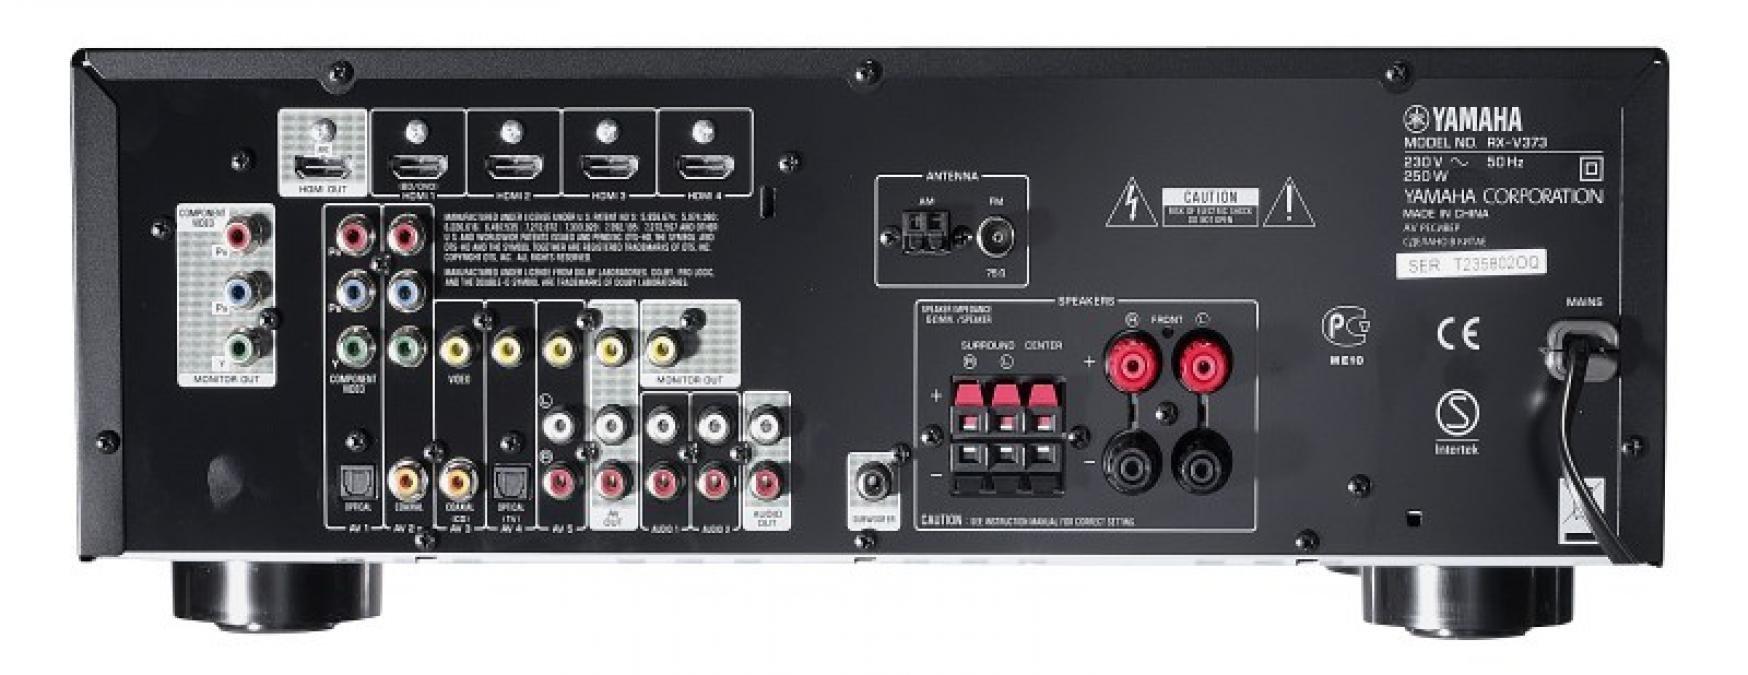 Yamaha Back Panel